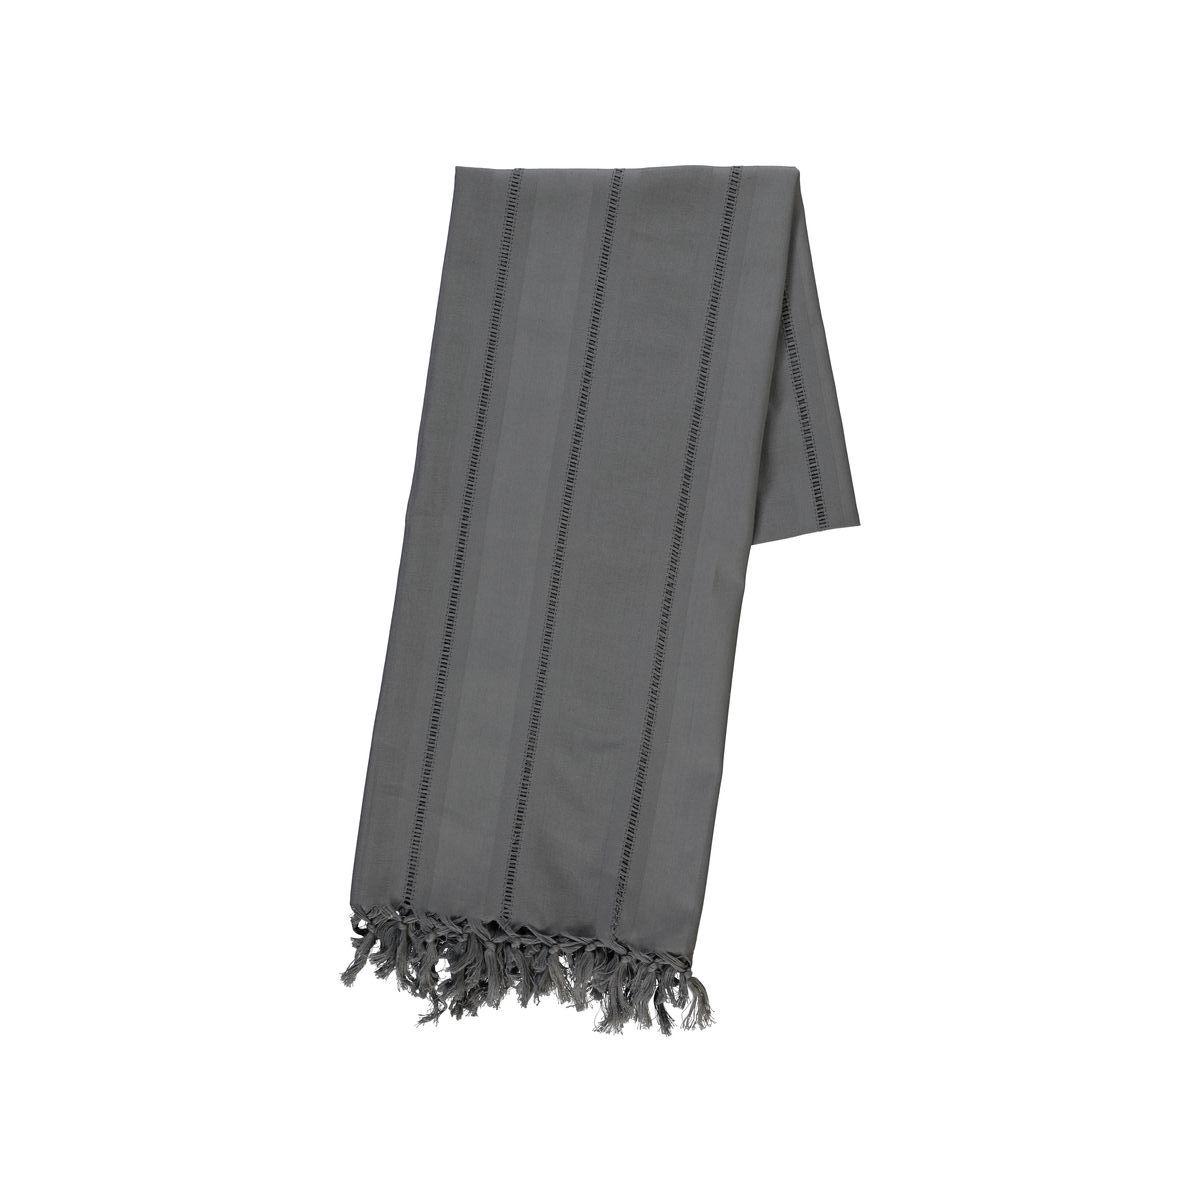 Peshtamal / Hamam Towel Ajur - Dark Grey